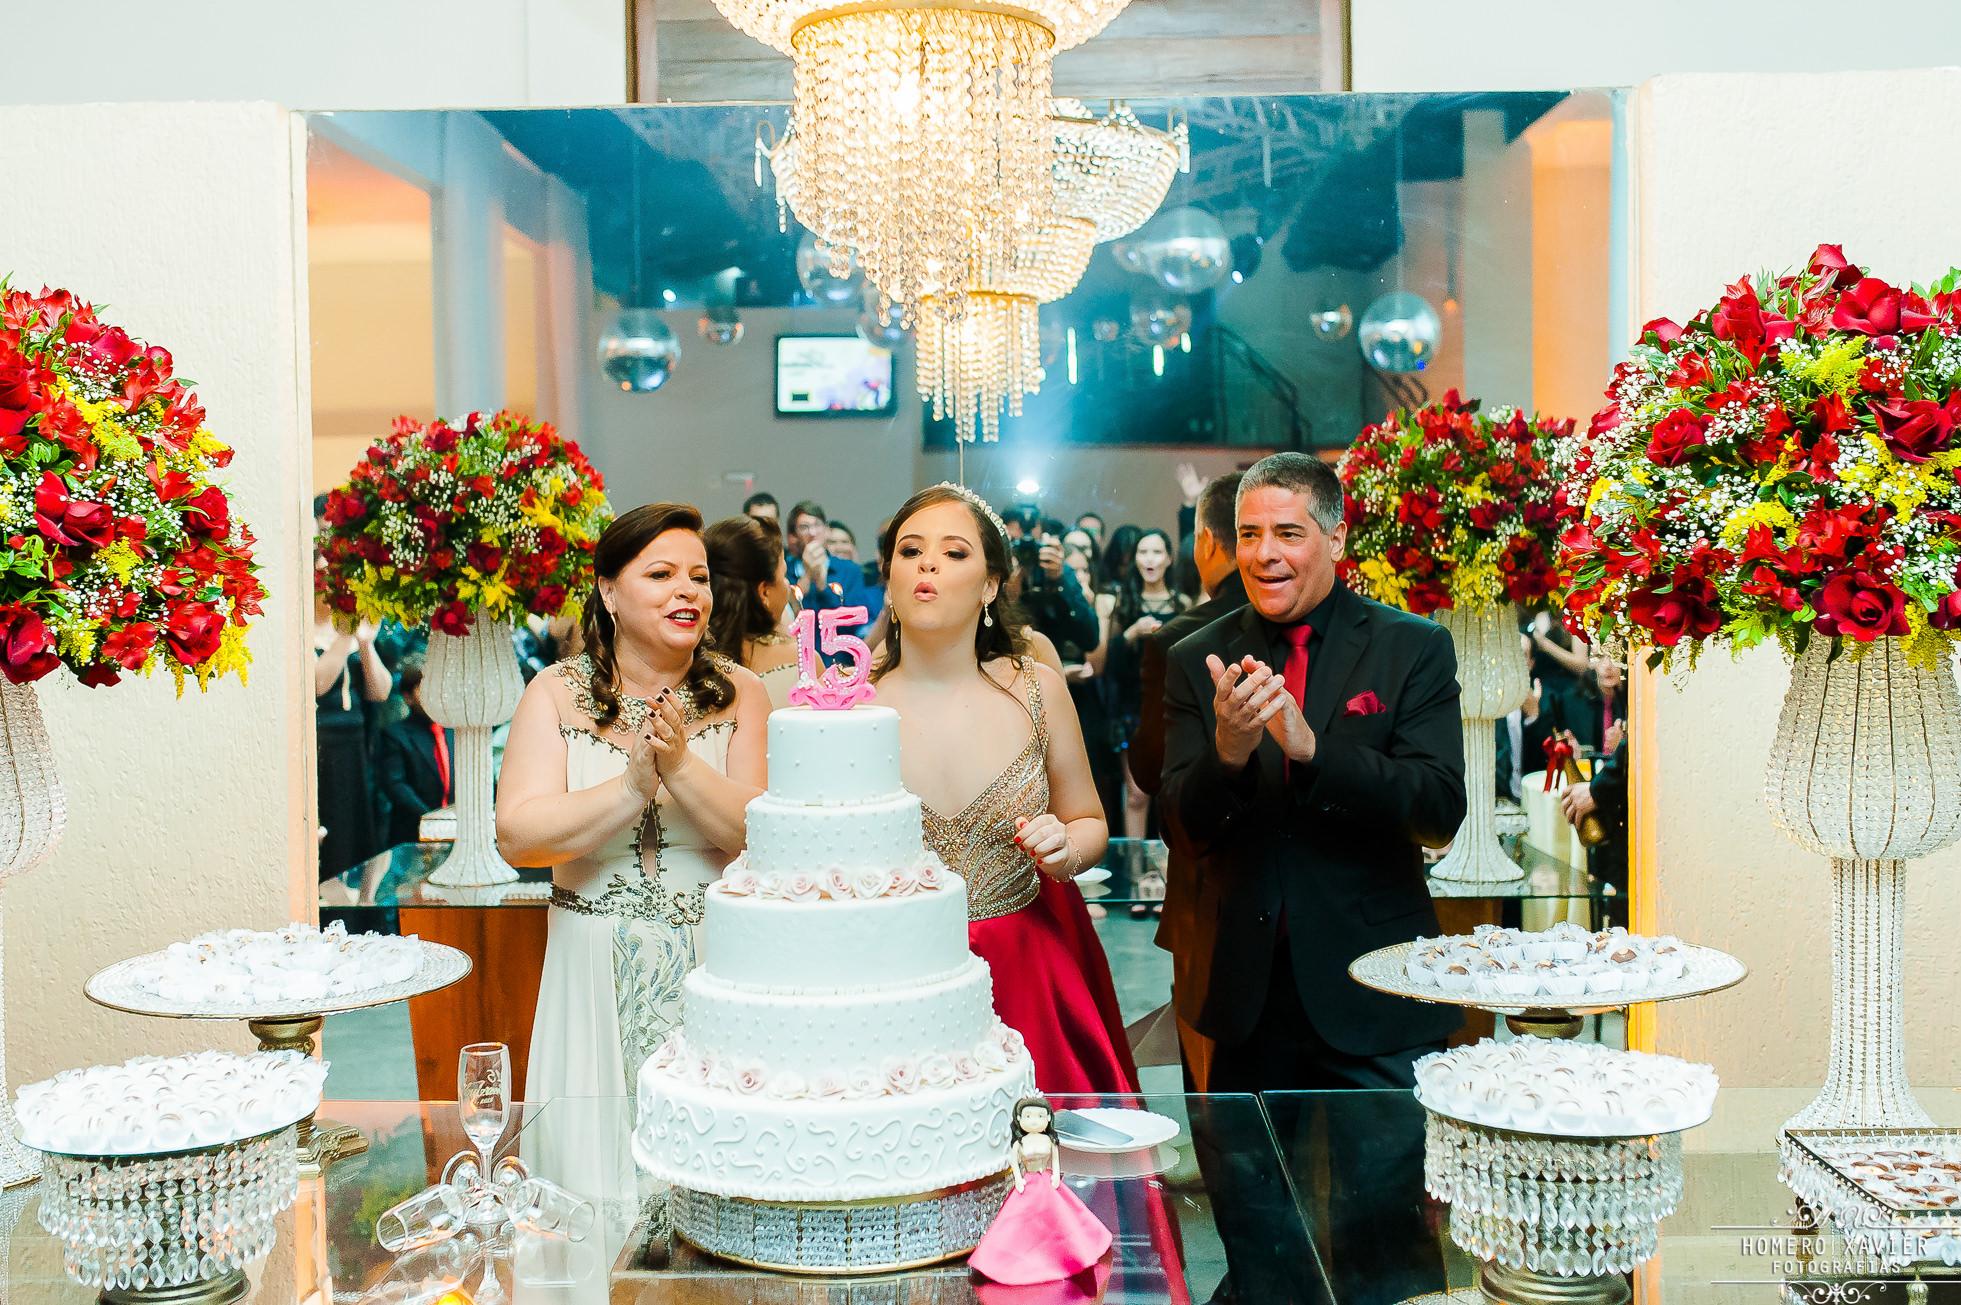 fotografia festa 15 anos Delicias Festas em BH